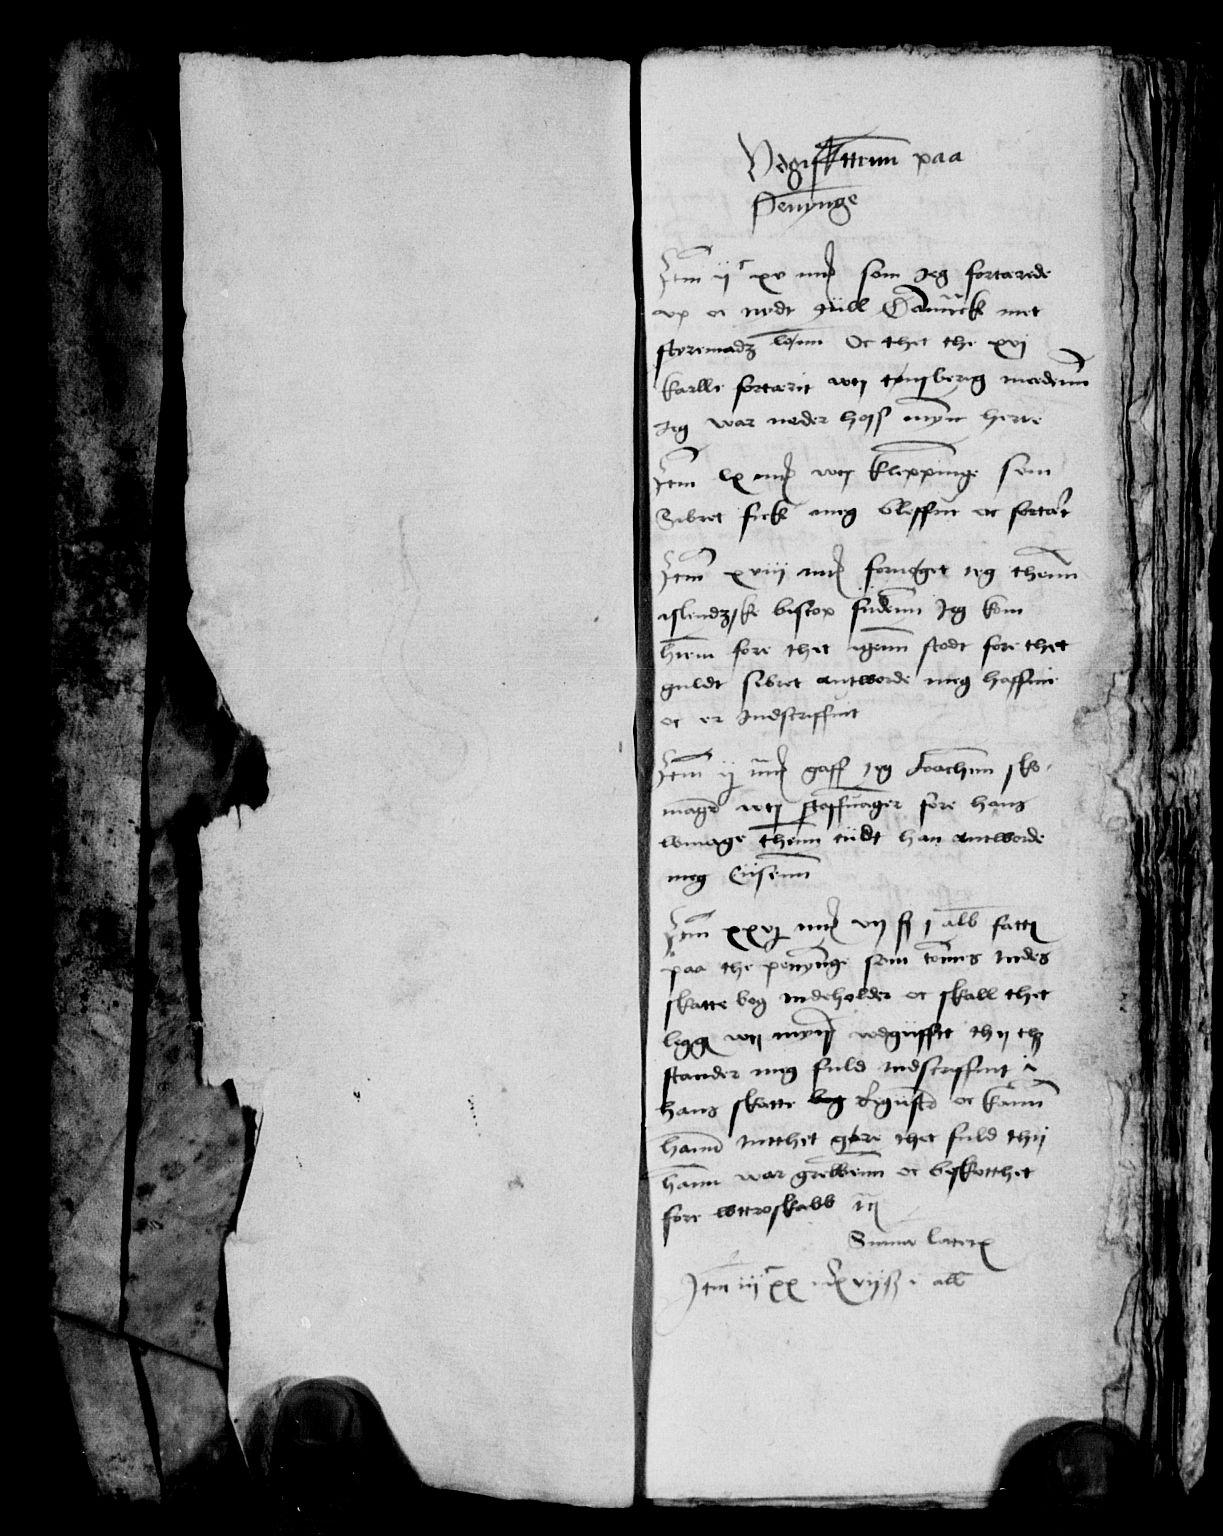 RA, Rentekammeret inntil 1814, Reviderte regnskaper, Lensregnskaper, R/Ra/L0010: Bergenhus len, 1521-1522